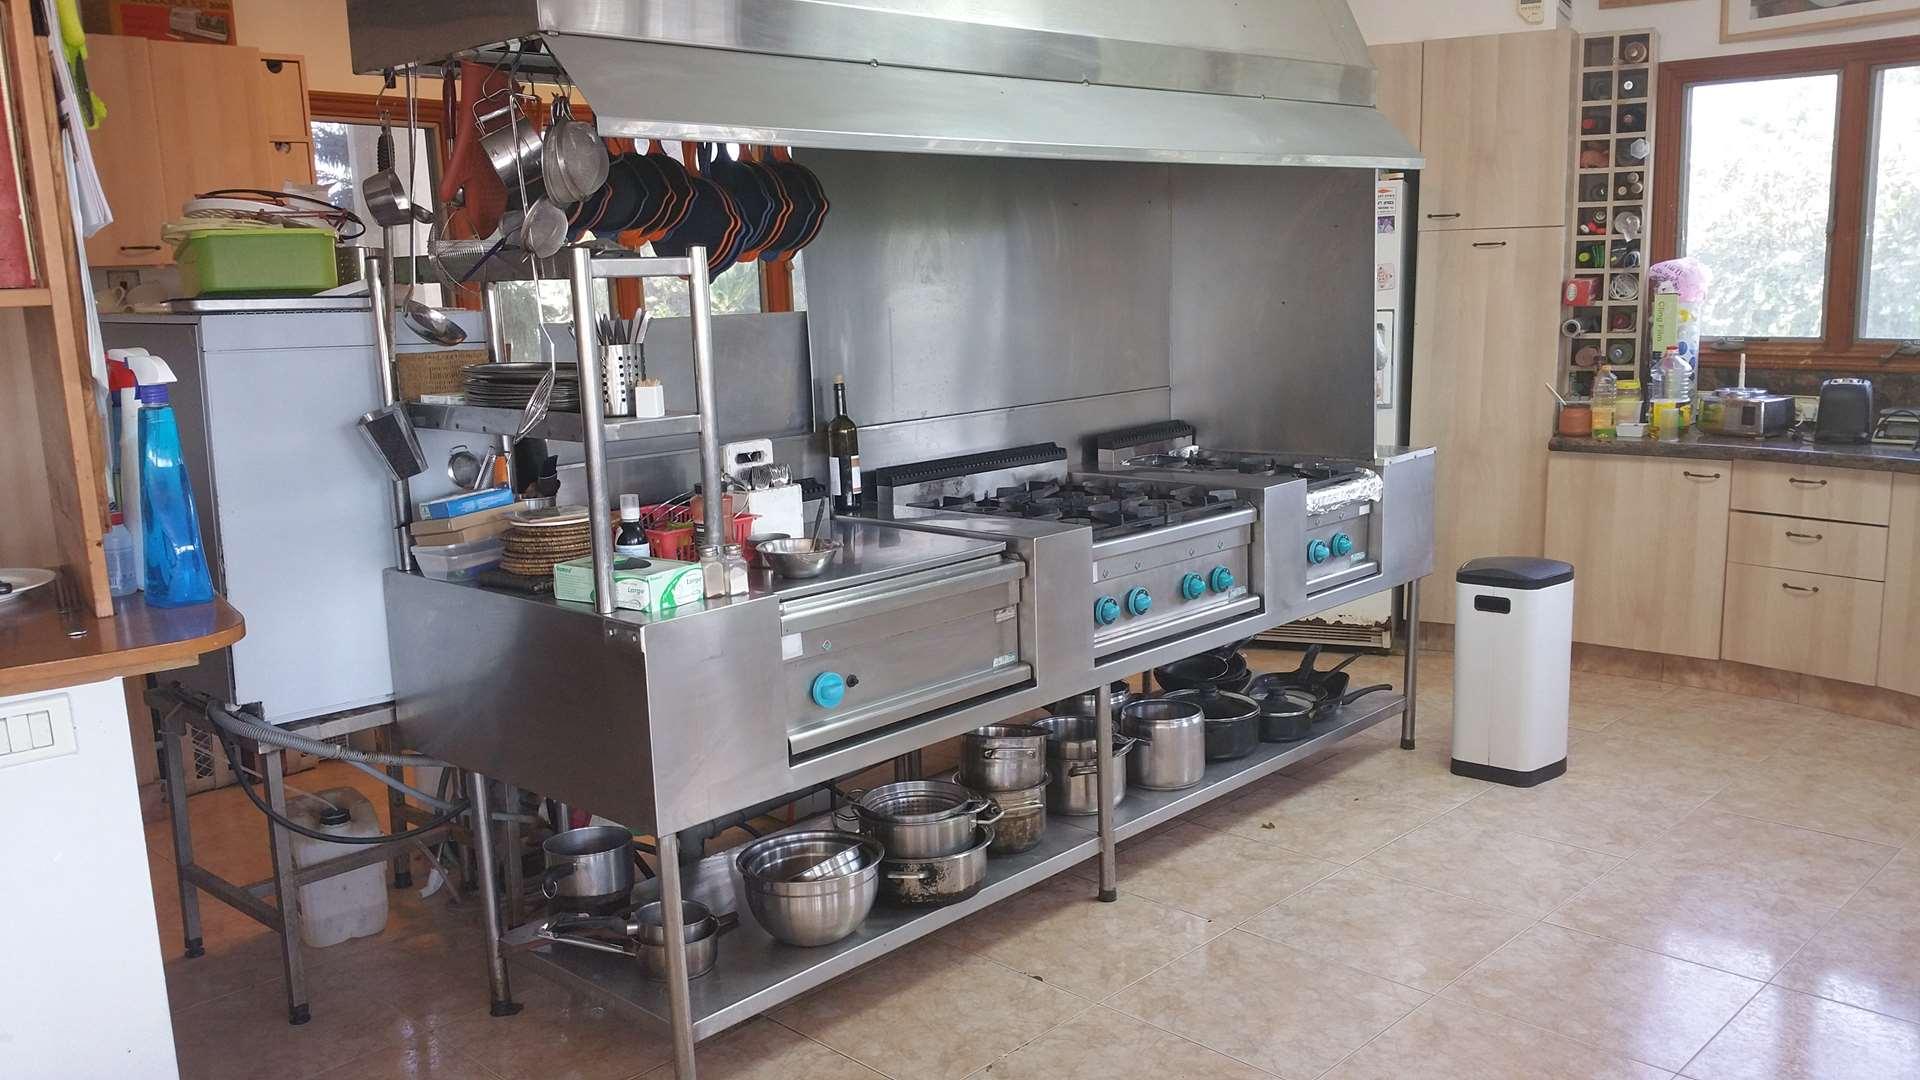 ציוד לעסקים - מטבח תעשייתי